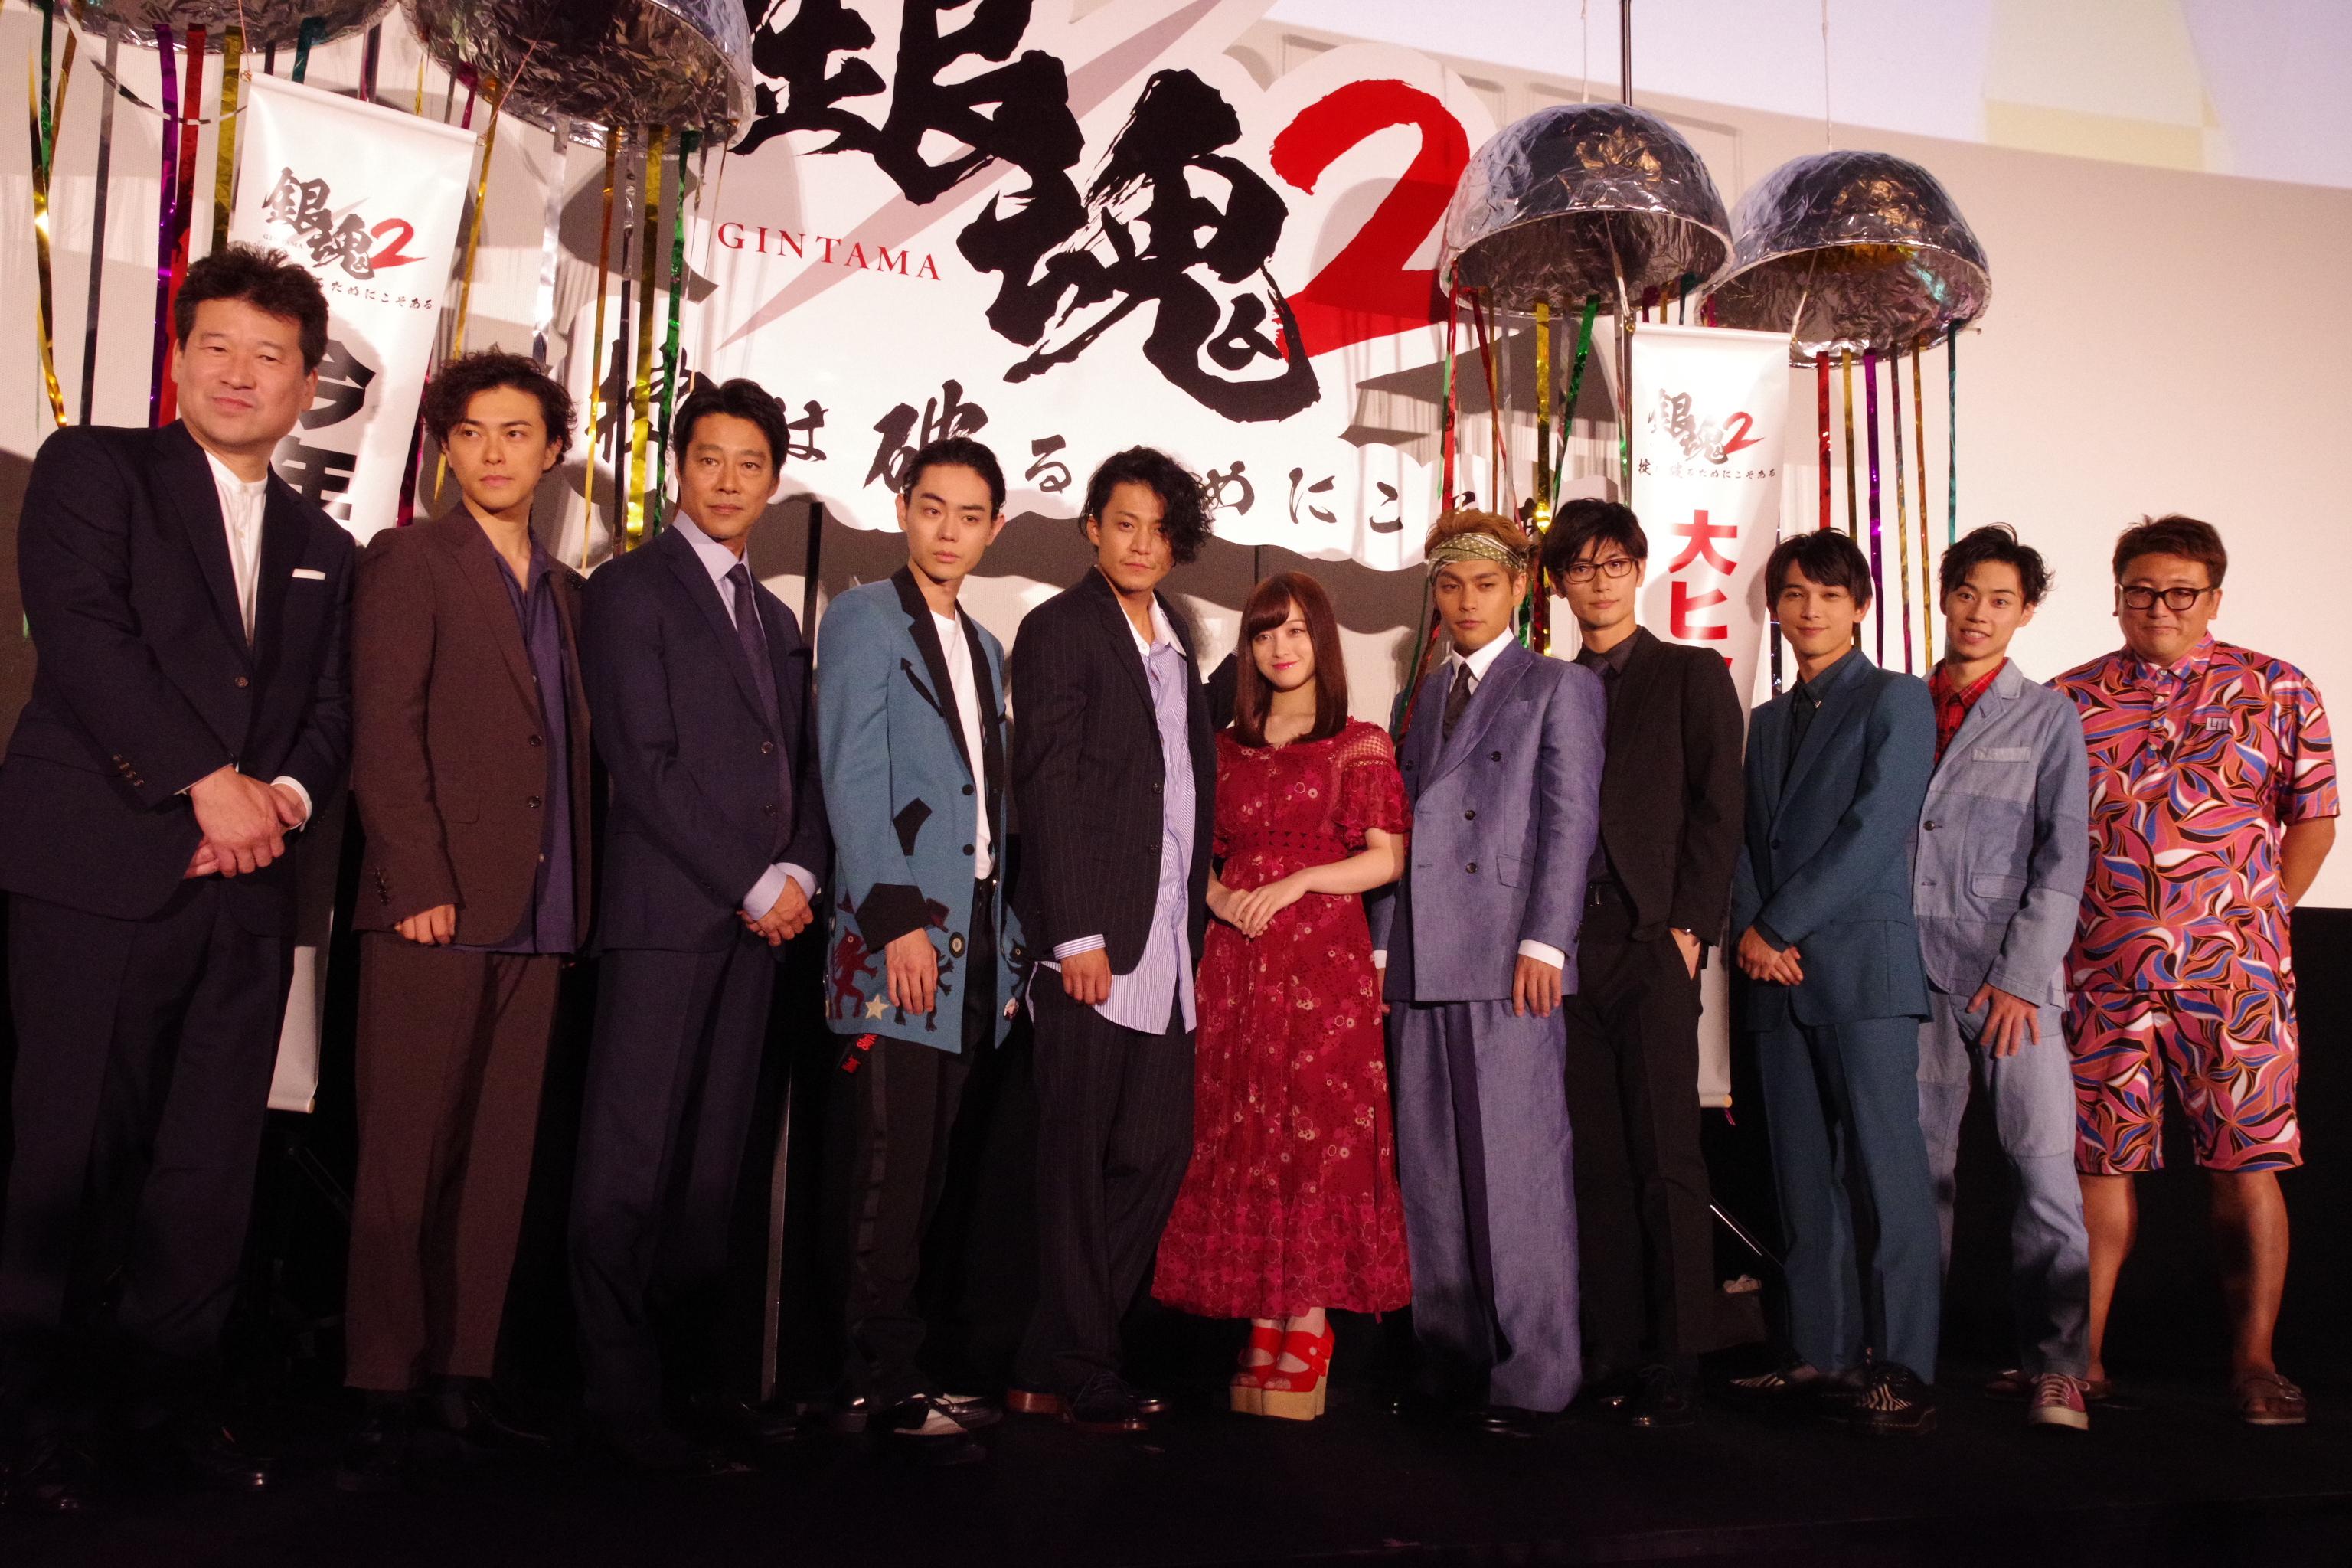 映画『銀魂2』初日舞台挨拶をレポート | アニメイトタイムズ